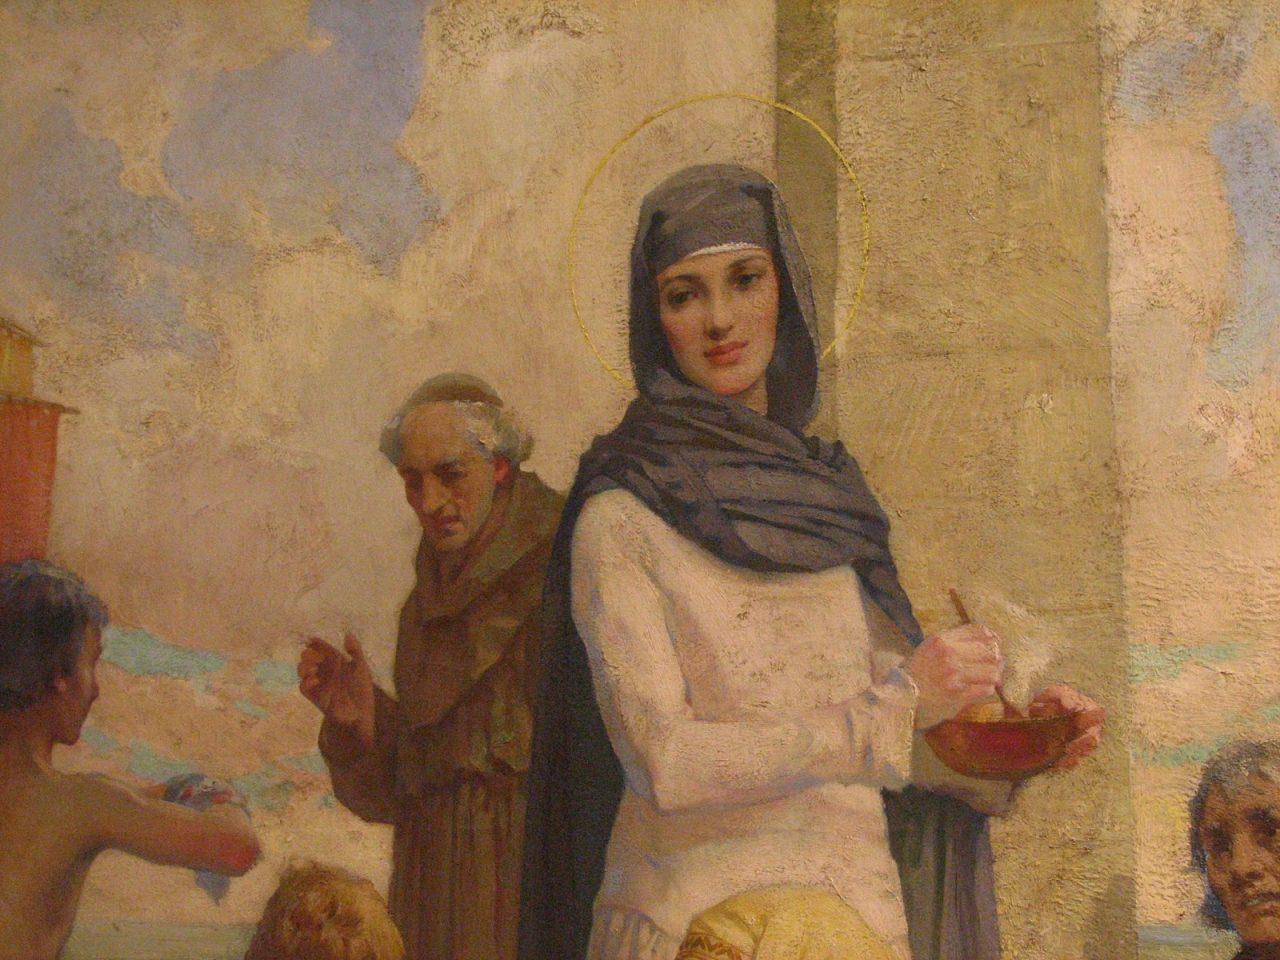 Kvinner og keltisk likestilling